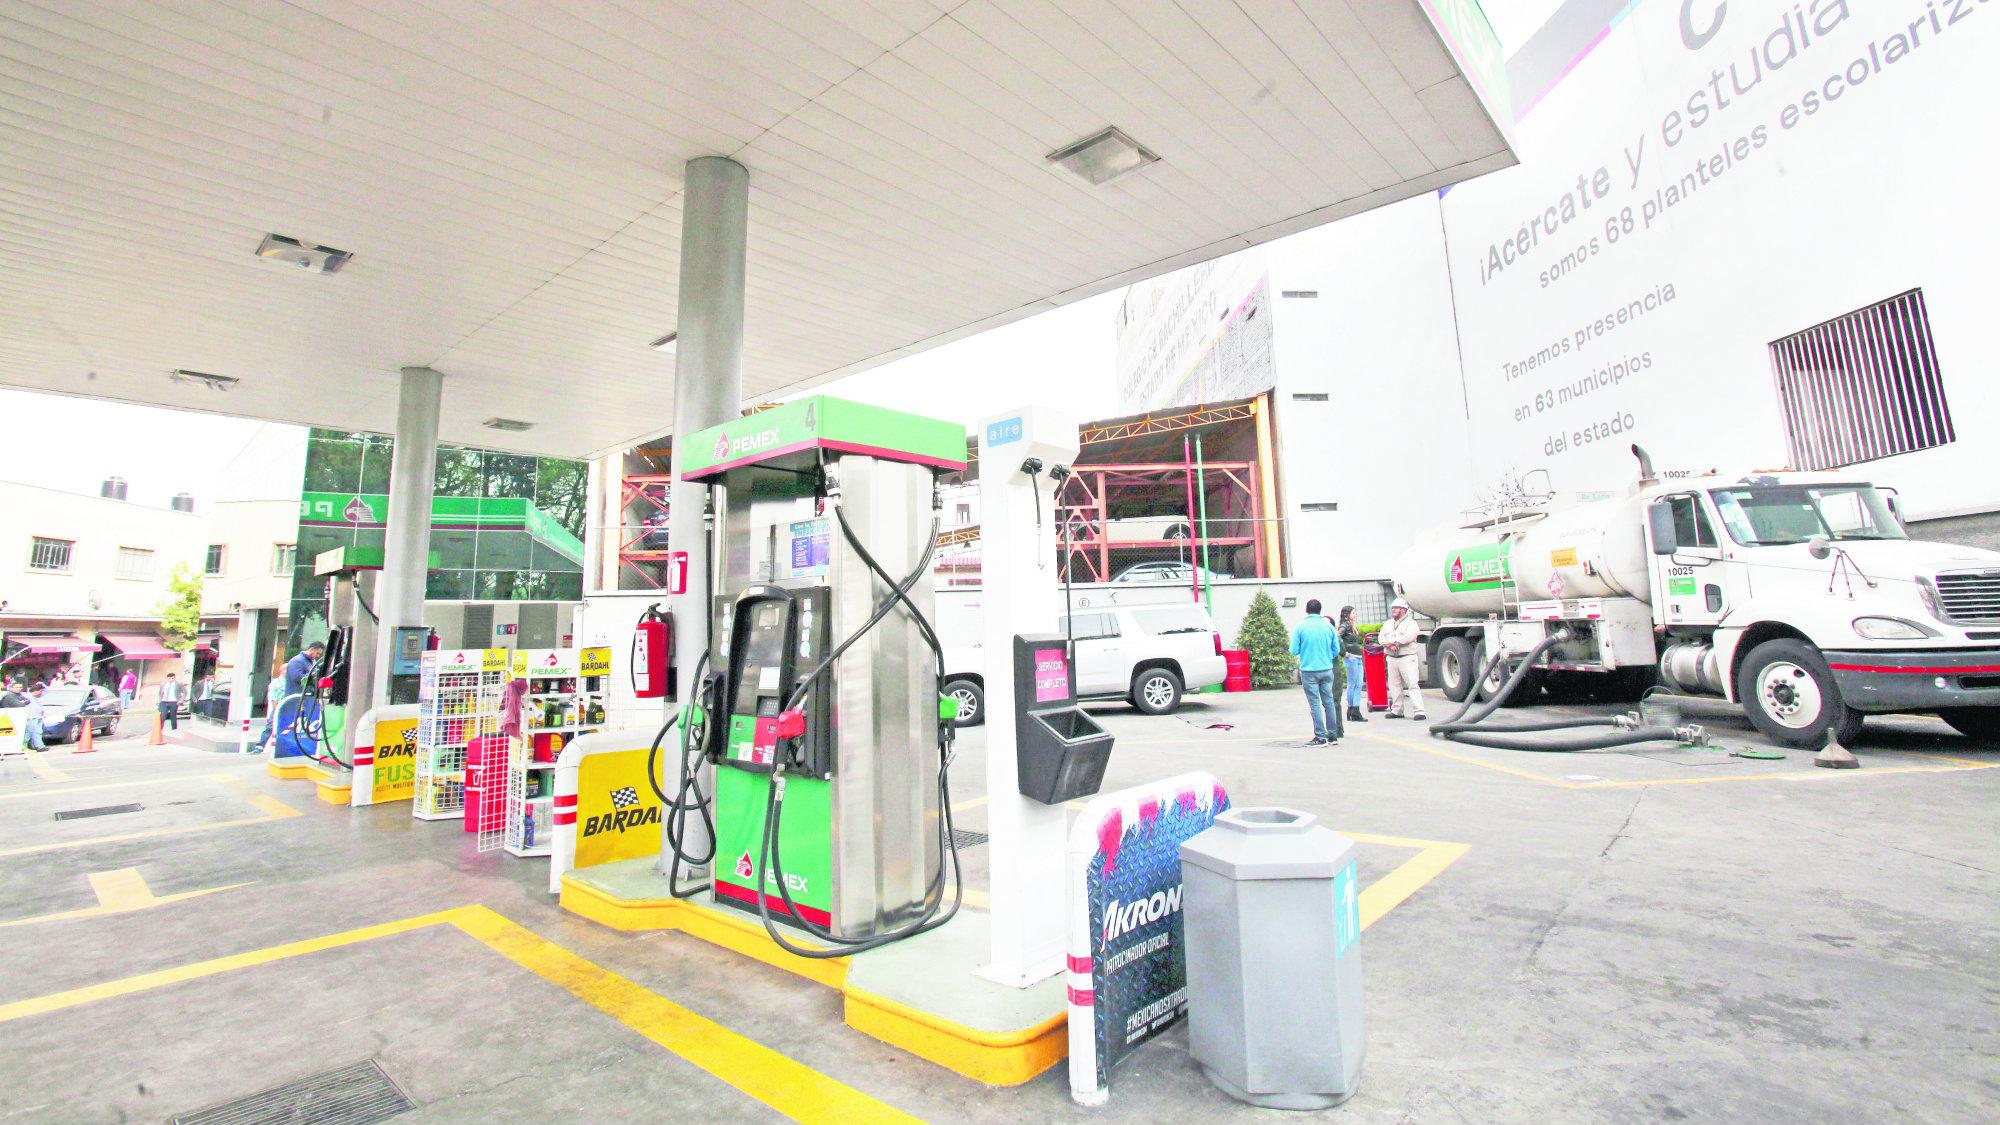 Desabasto Gasolinería Toluca Estaciones